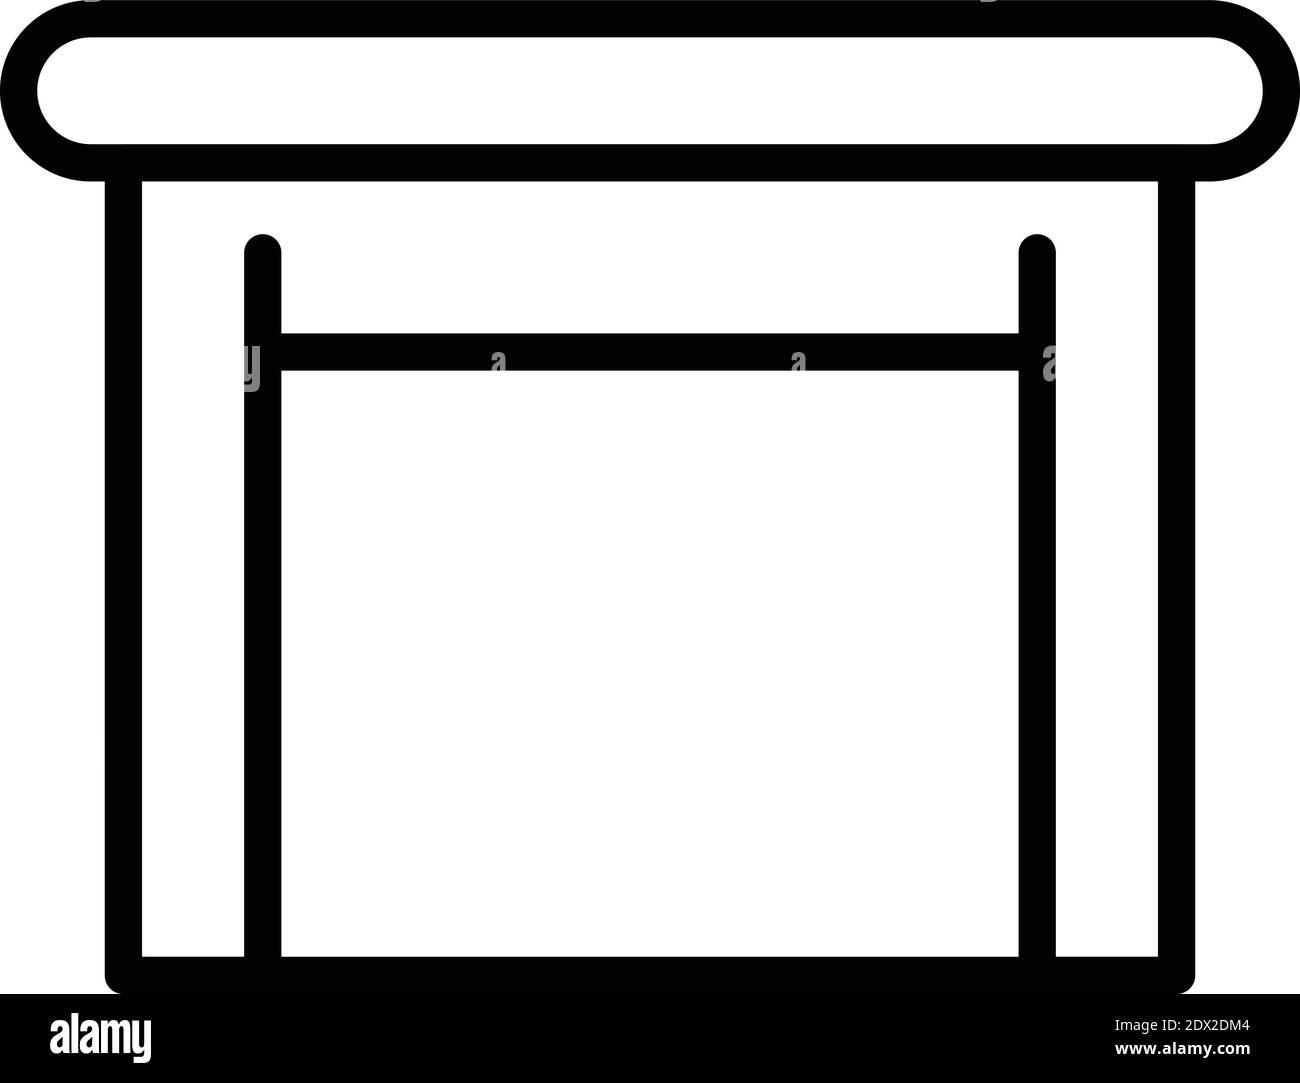 Icono de mesa de madera. Contorno de madera vector icono para diseño web aislado sobre fondo blanco Ilustración del Vector